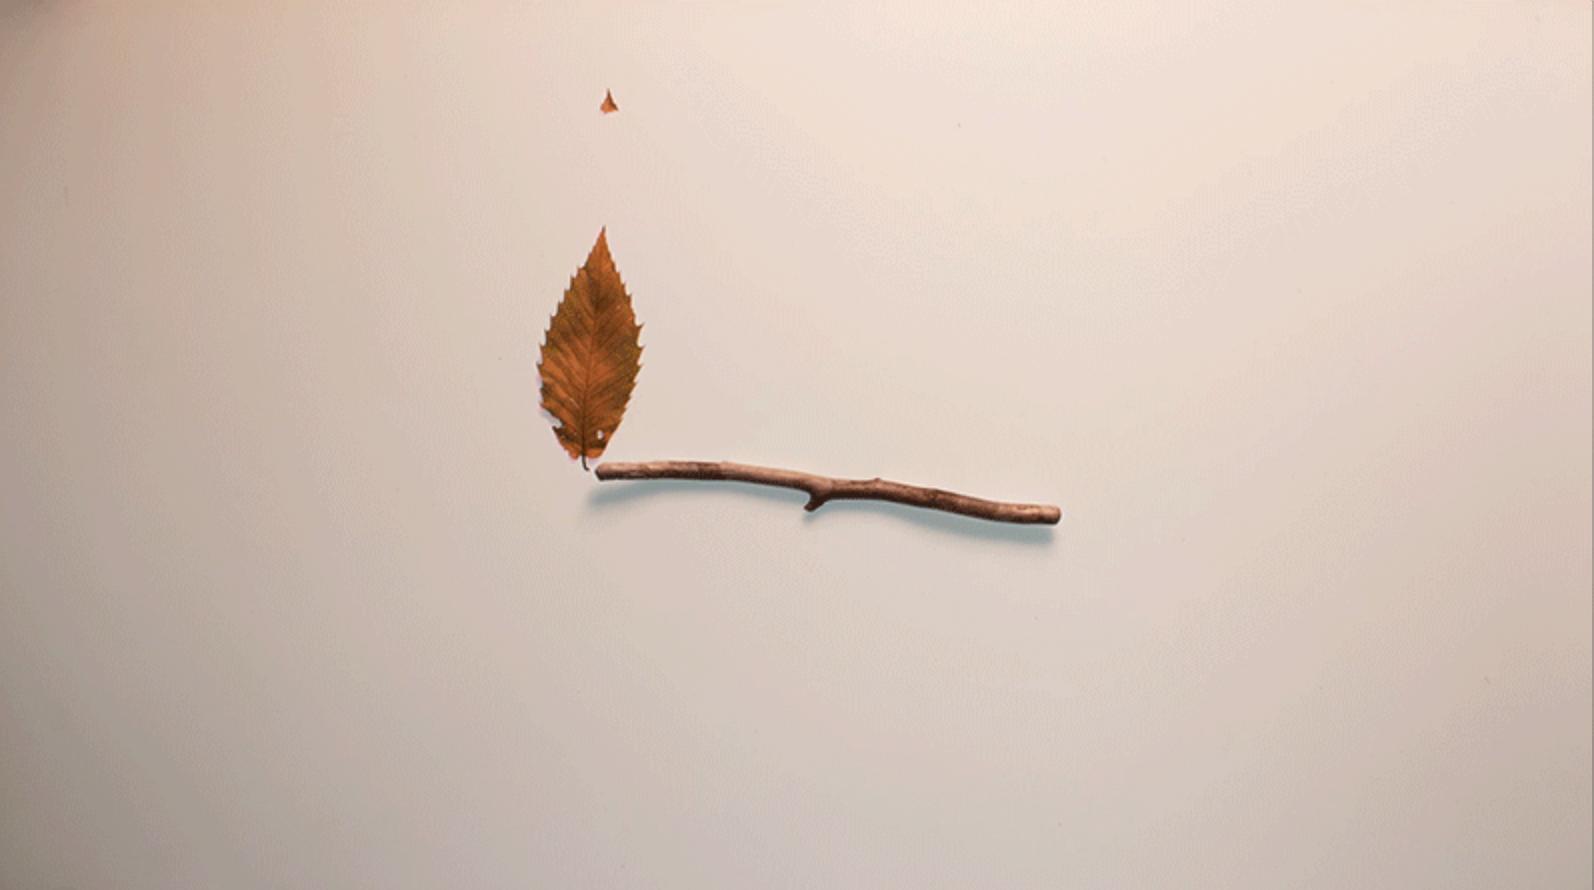 Un palo se quema con hojas secas que parece fuego